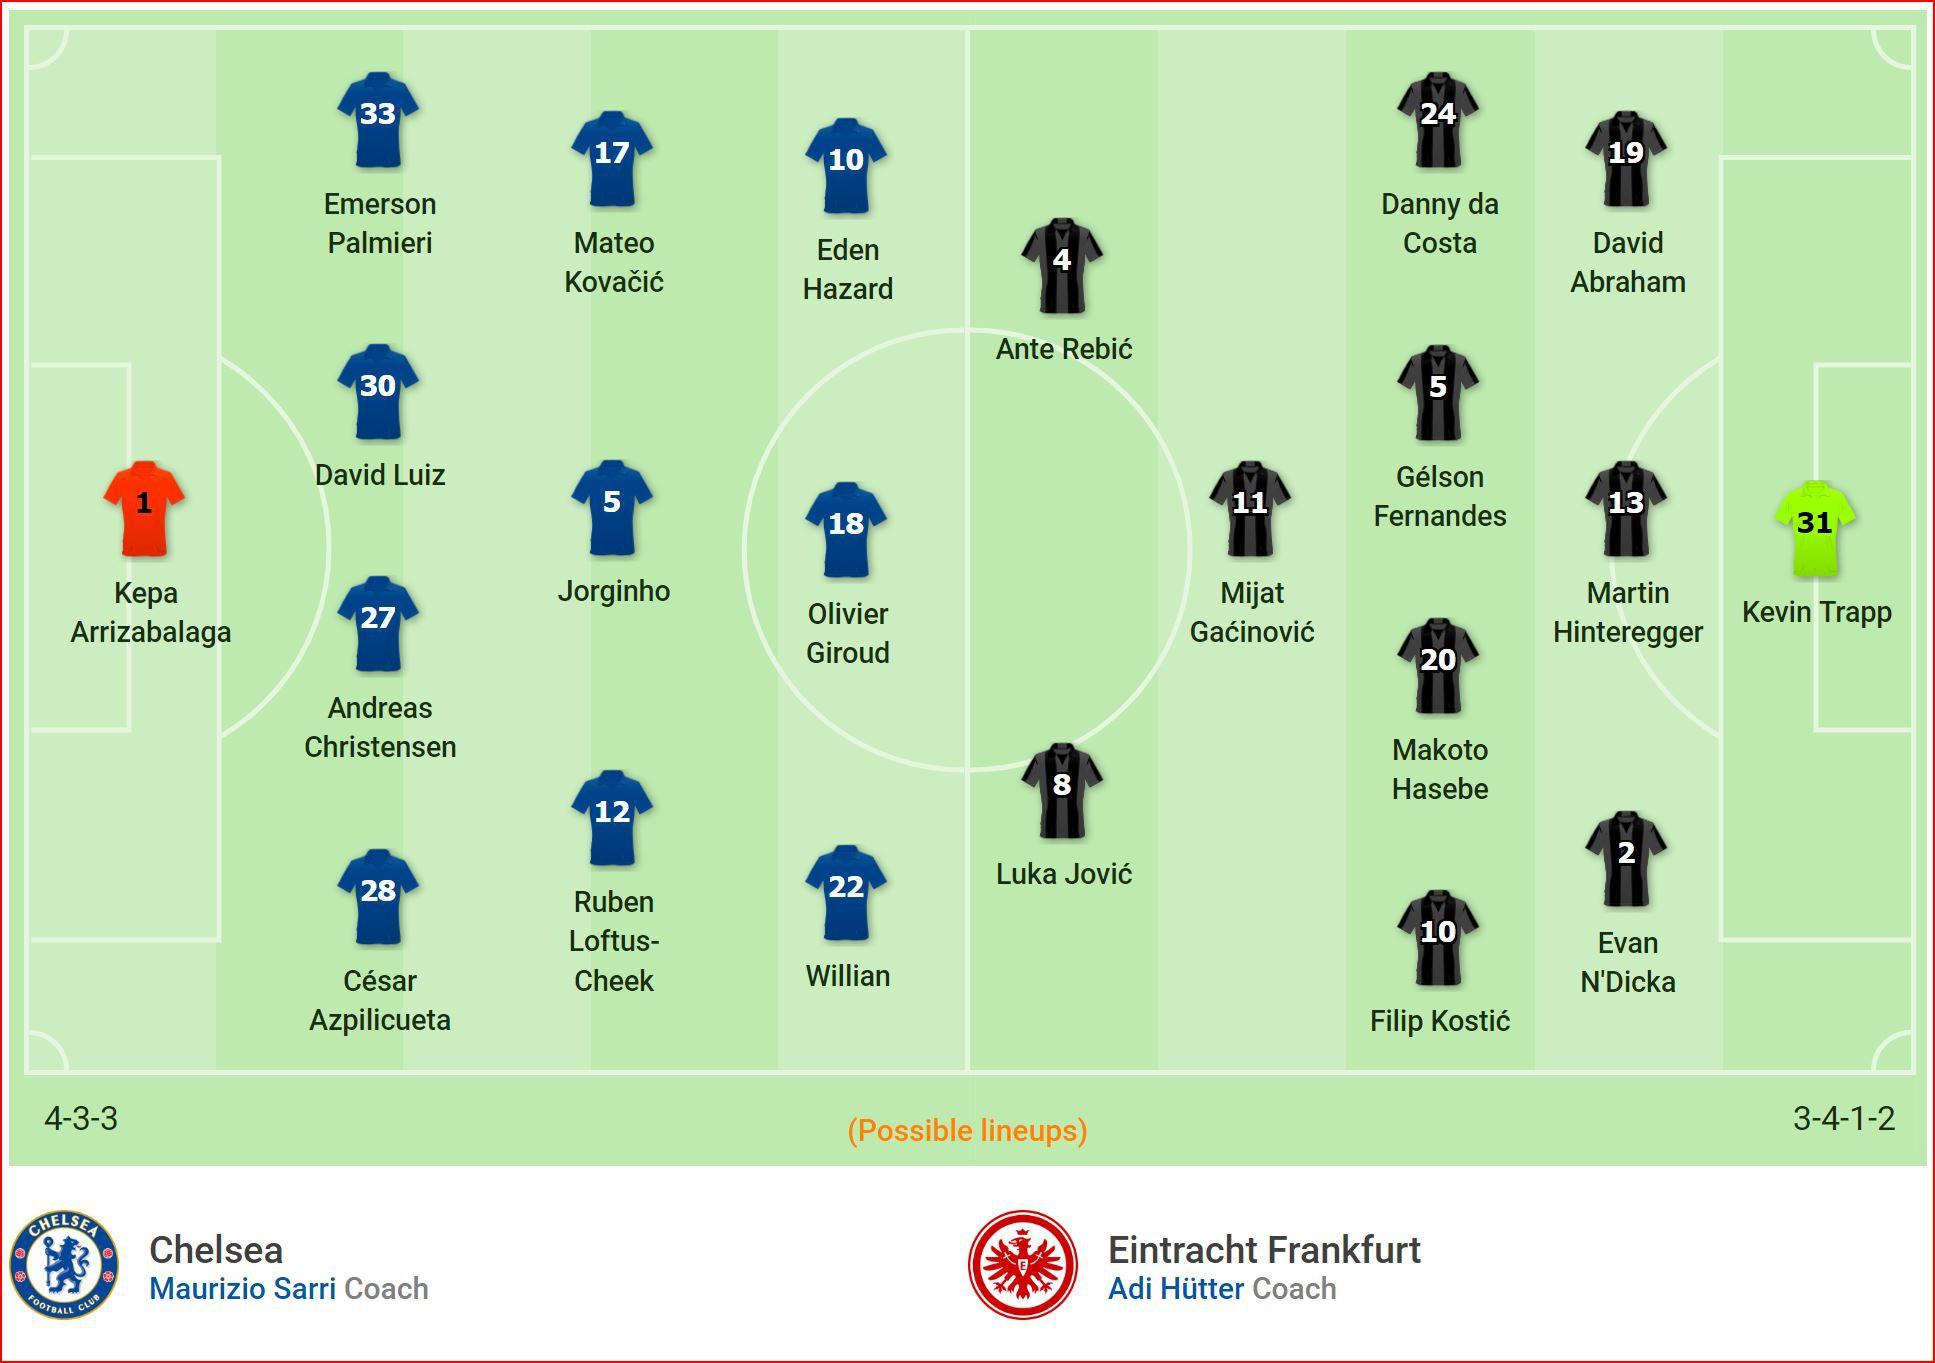 Nhận định bóng đá Chelsea vs Frankfurt (2h00, 9/5) bán kết lượt về Europa League: Chung kết toàn Anh chờ đợi - Ảnh 4.